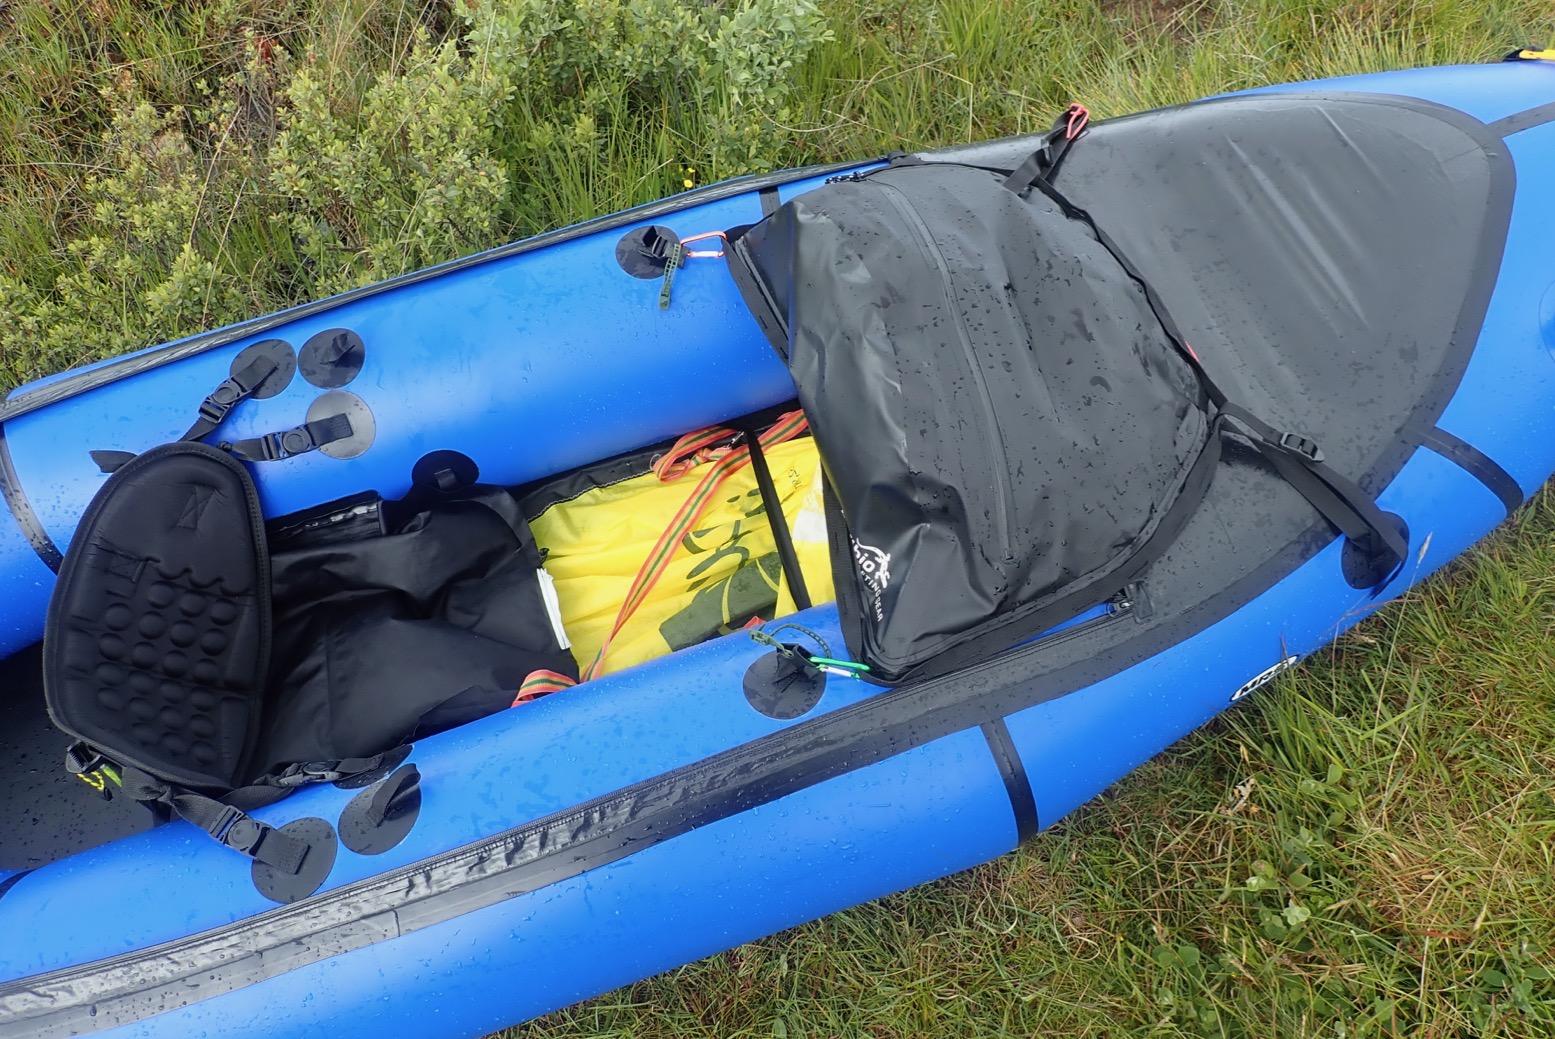 Canoe Sea Kayaking Watersports Touring NRS Tuff Sack Dry Bag Kayaking